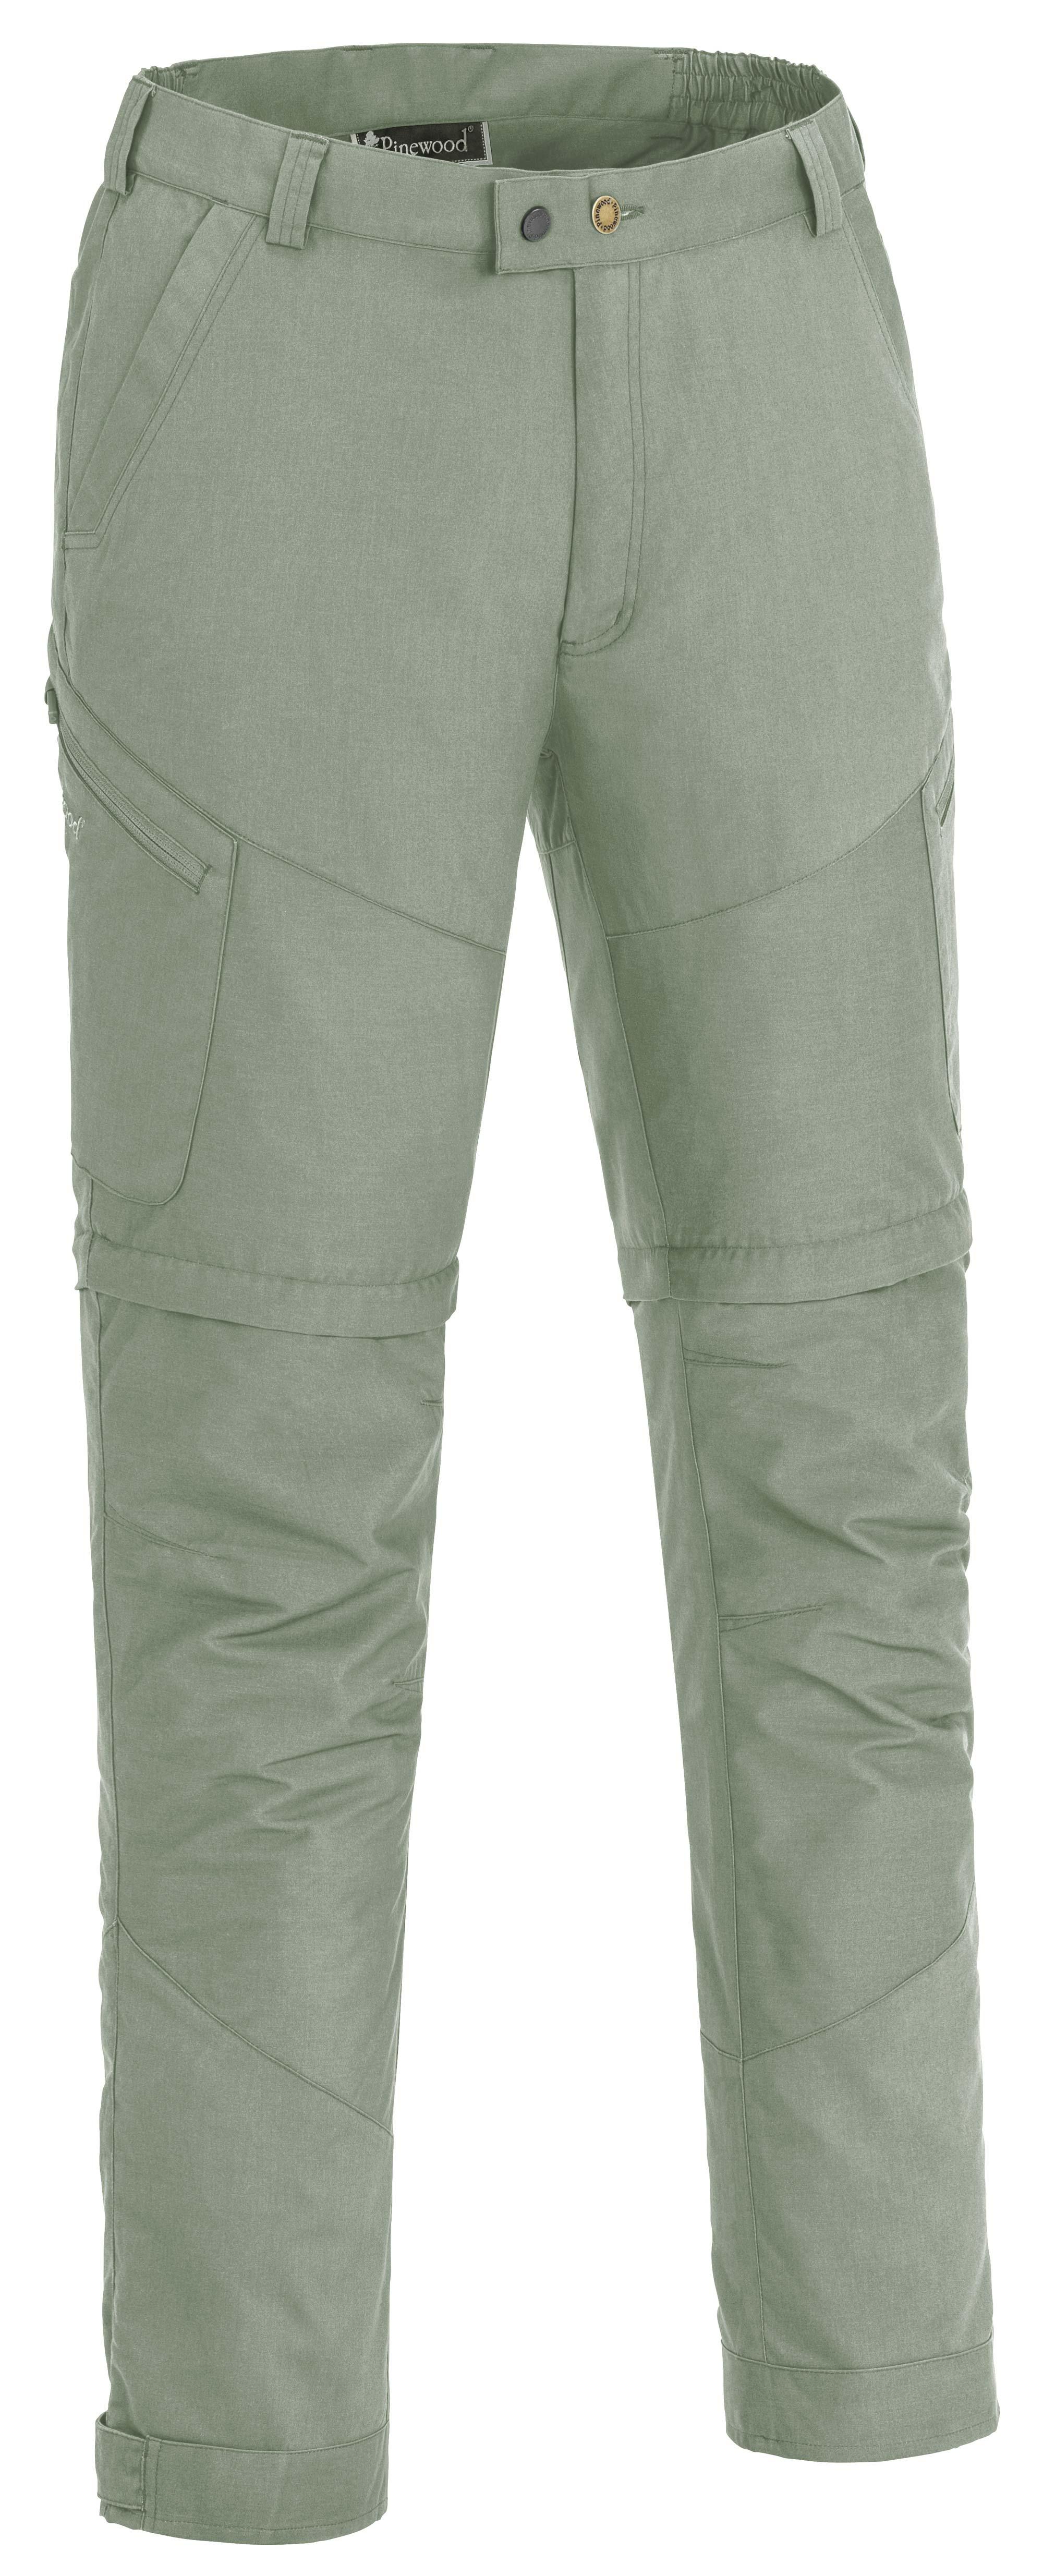 Langlebige, wasserabweisende und bügelfreie Zip-off Hose, Tiveden TC-Stretch © Pinewood